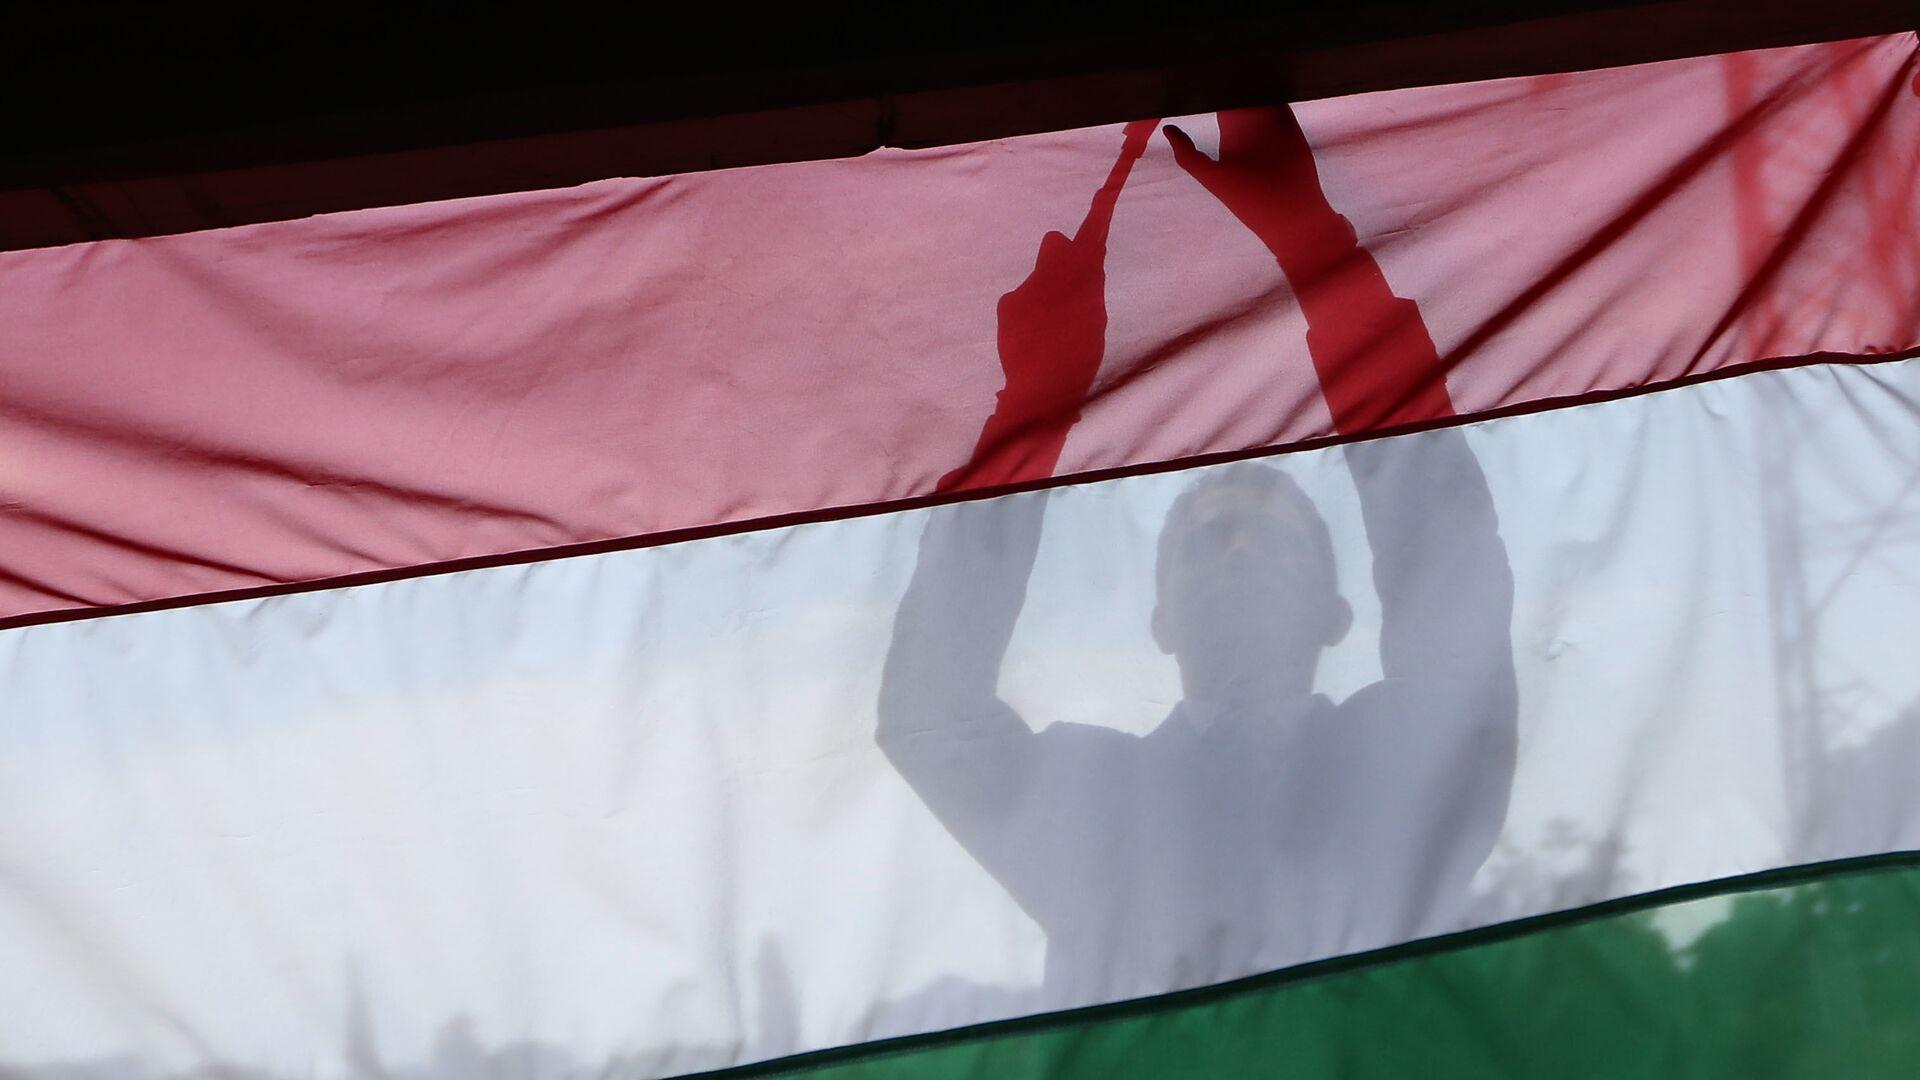 Flaga Węgier. Zdjęcie archiwalne - Sputnik Polska, 1920, 09.10.2021